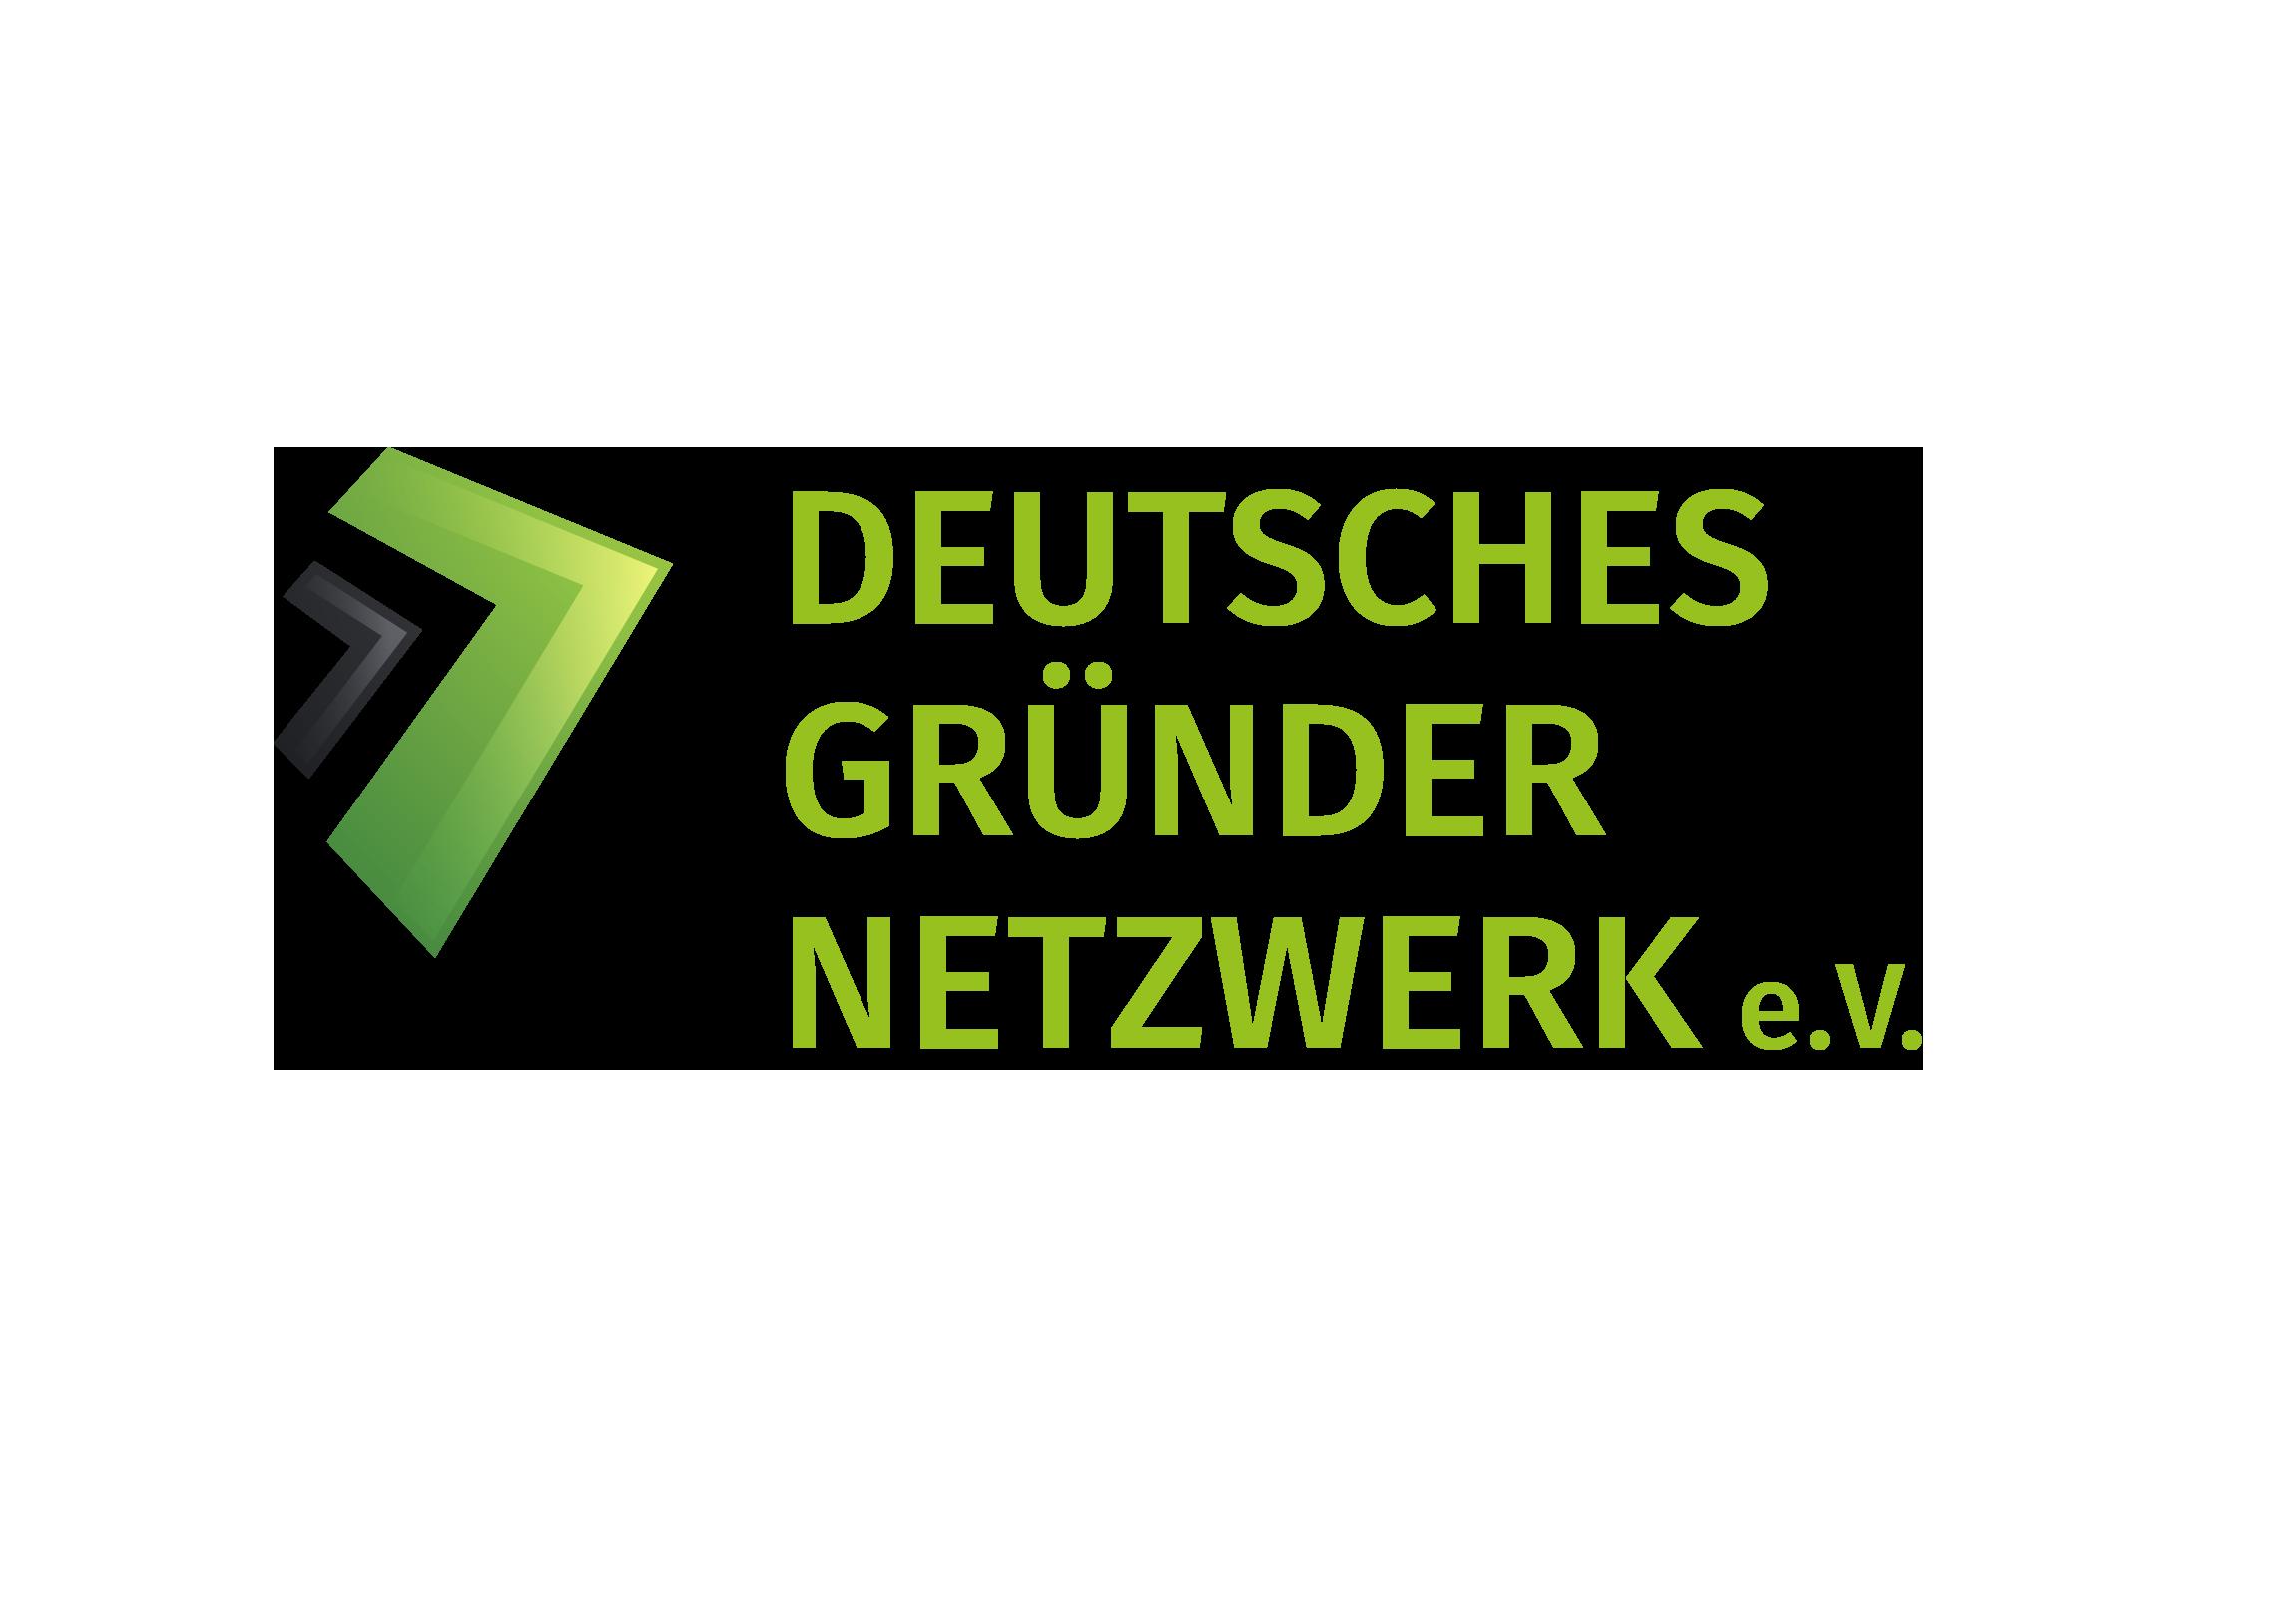 Deutsches Gründernetzwerk